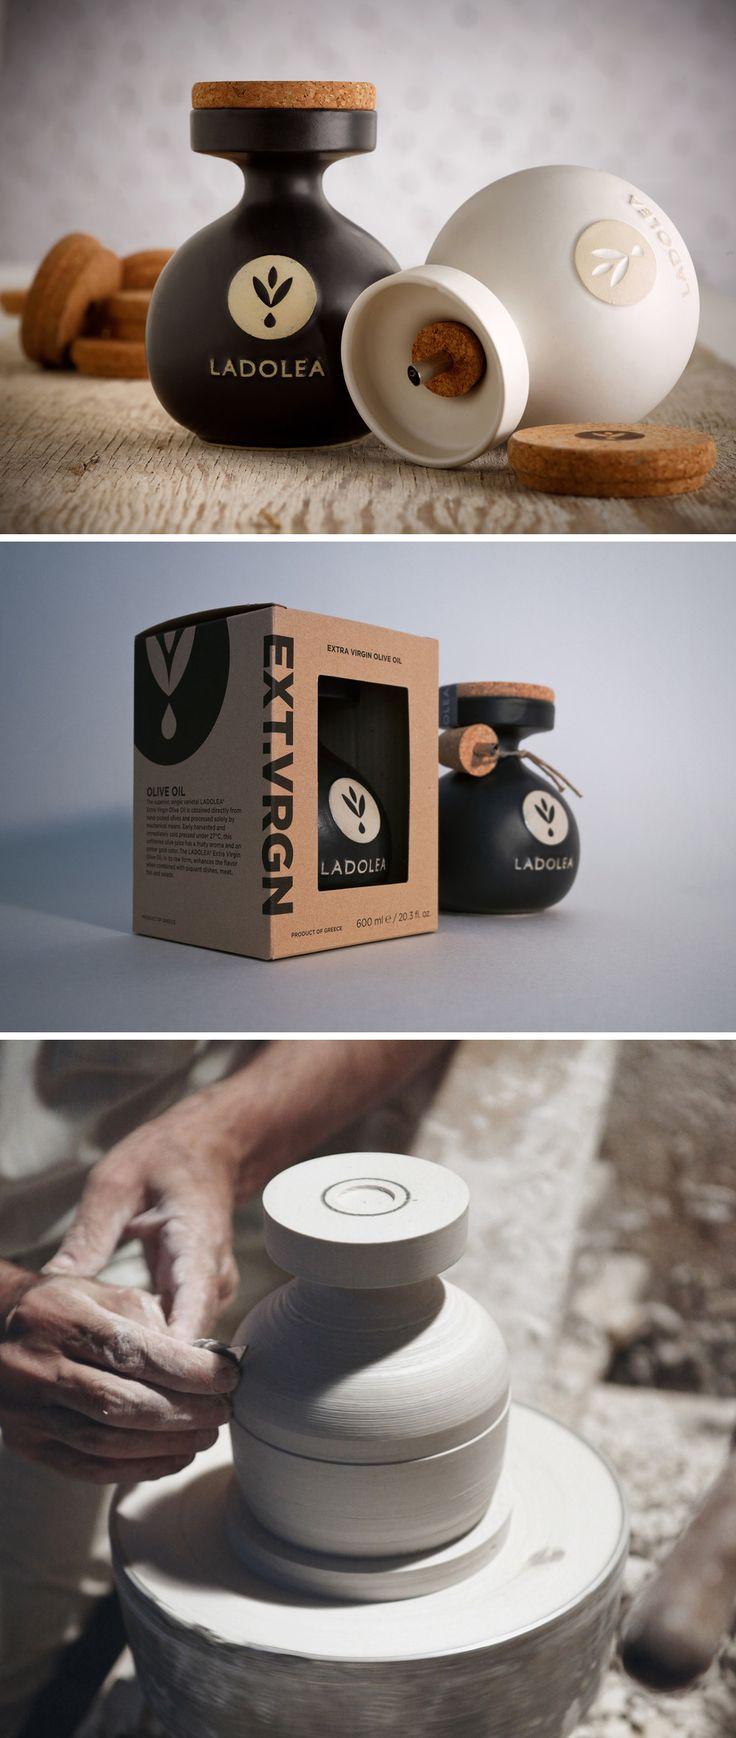 Porcelain Olive Oil Förpackad -Blogg om Förpackningsdesign, Förpackningar, Grafisk Design - CAPDesign